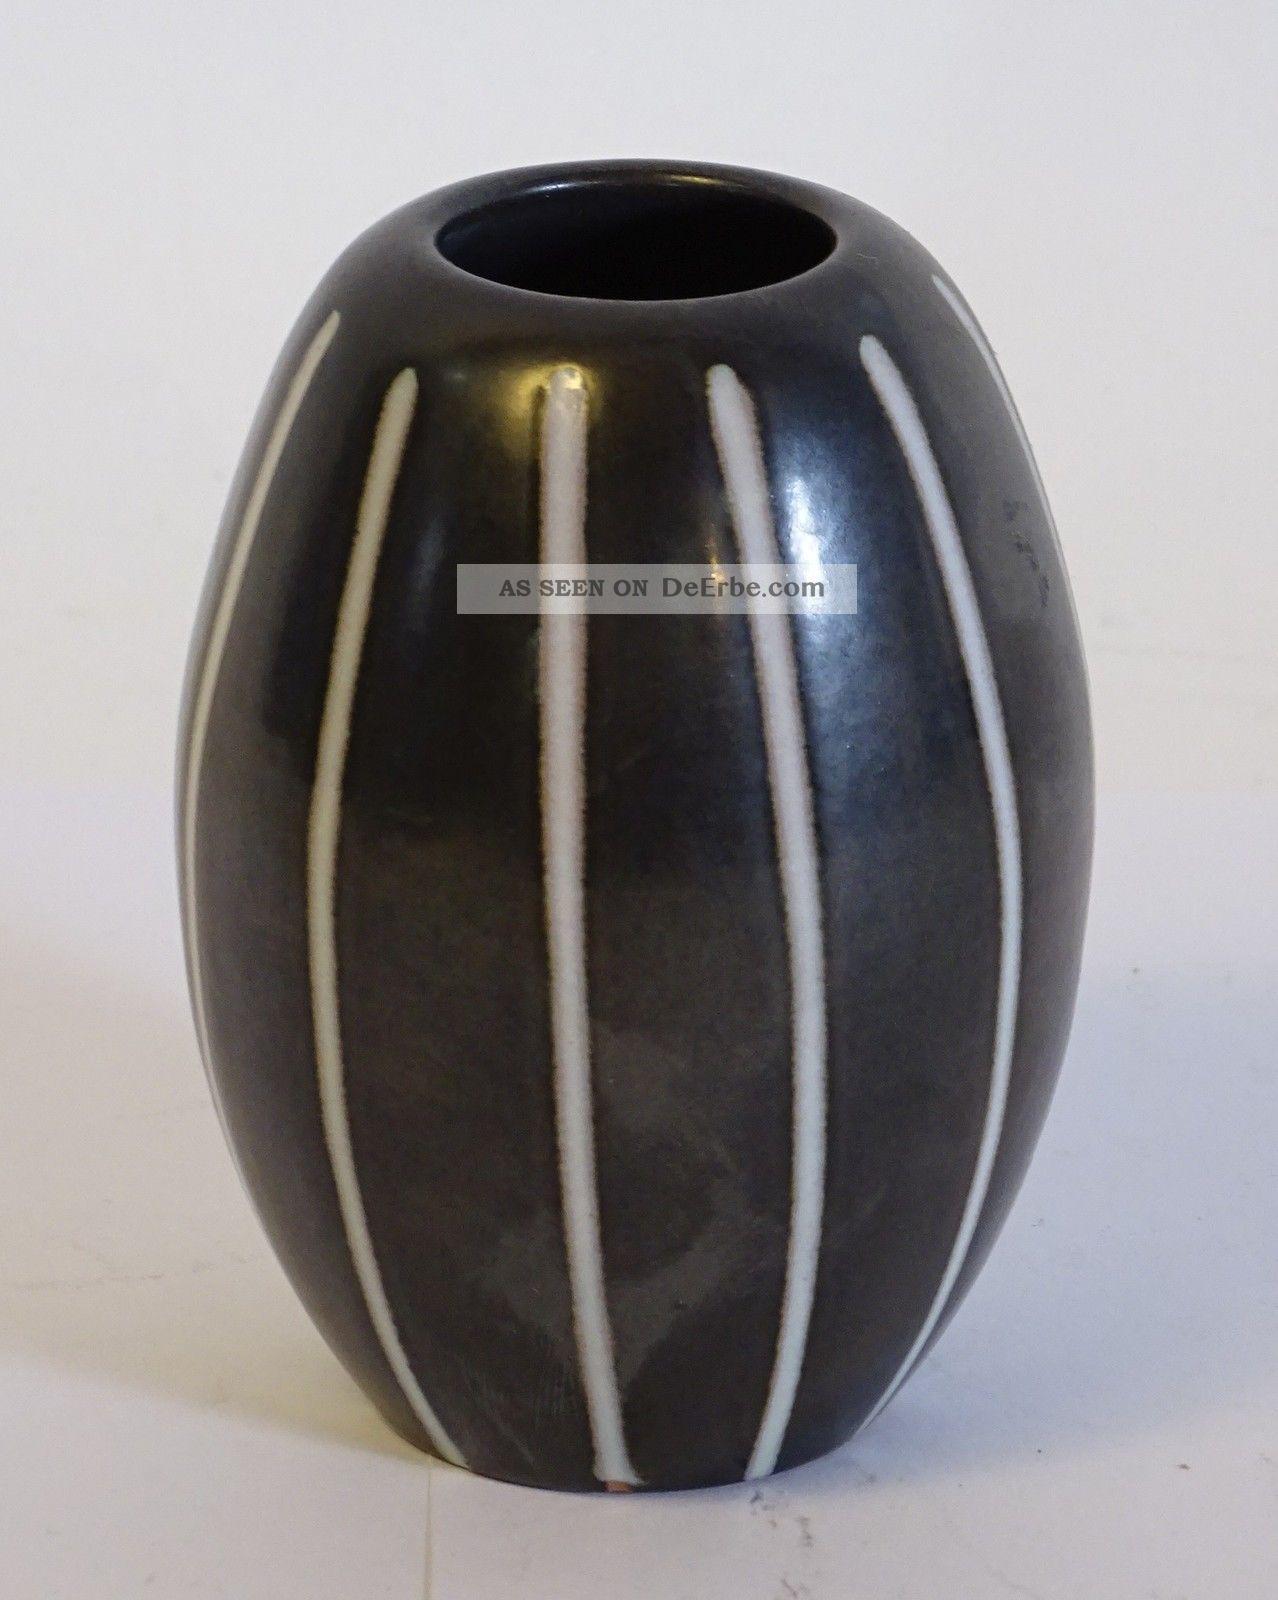 Van Daalen Studio Design Mid Century Schwarz Weiße Keramik Vase 1950-1959 Bild